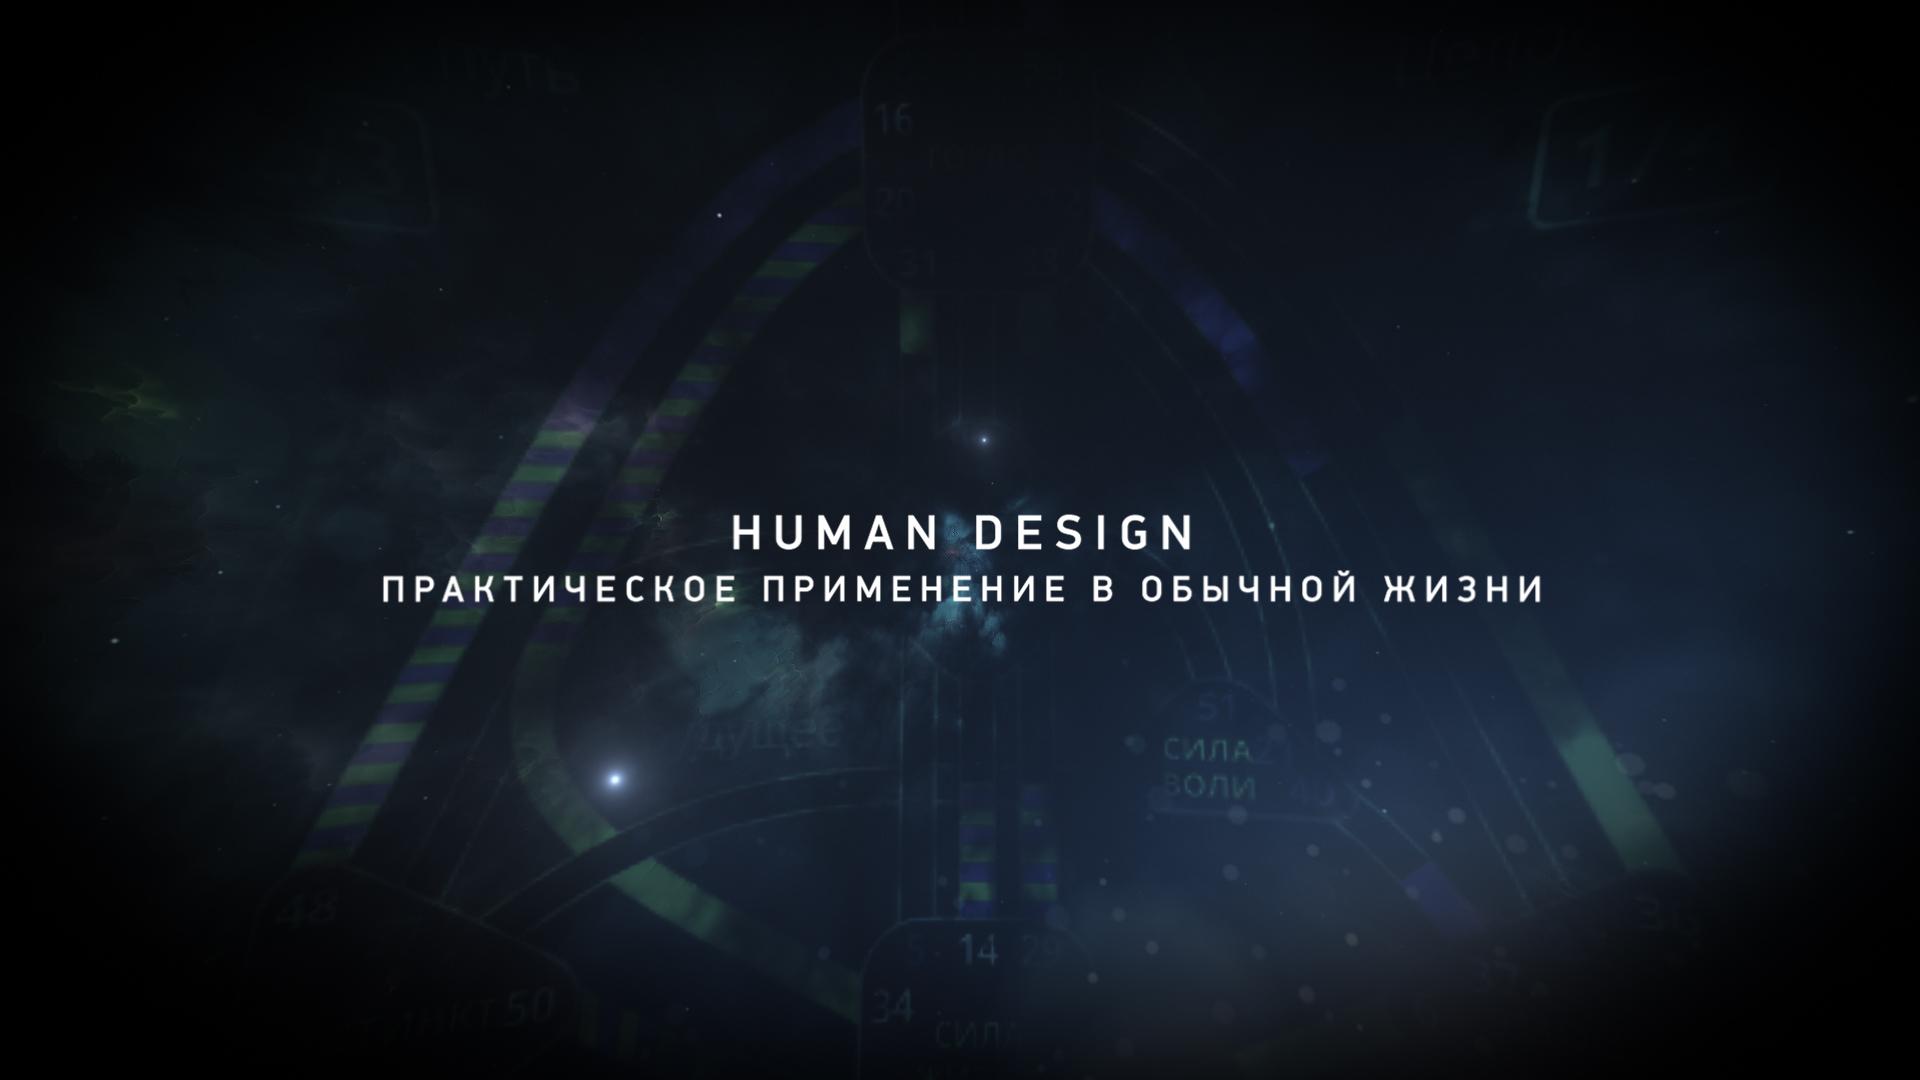 (c) Humandesign-course.ru